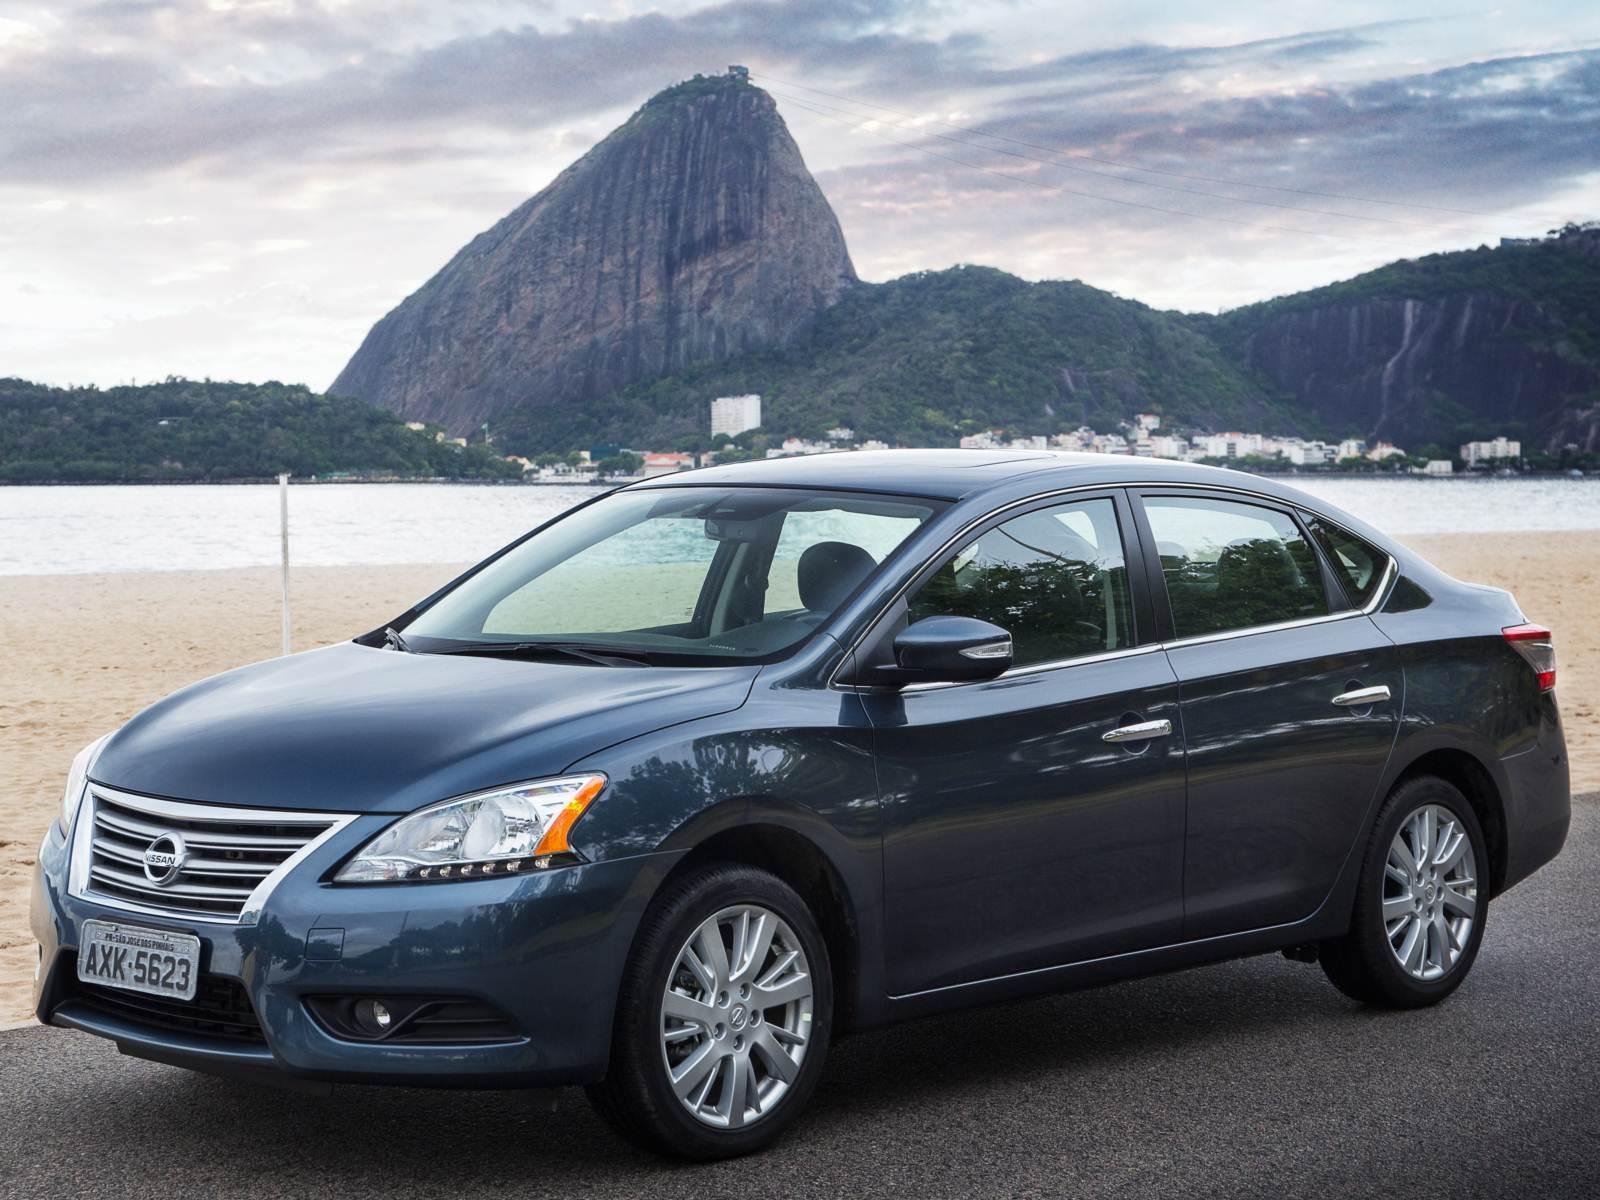 Nissan Sentra - custo do seguro